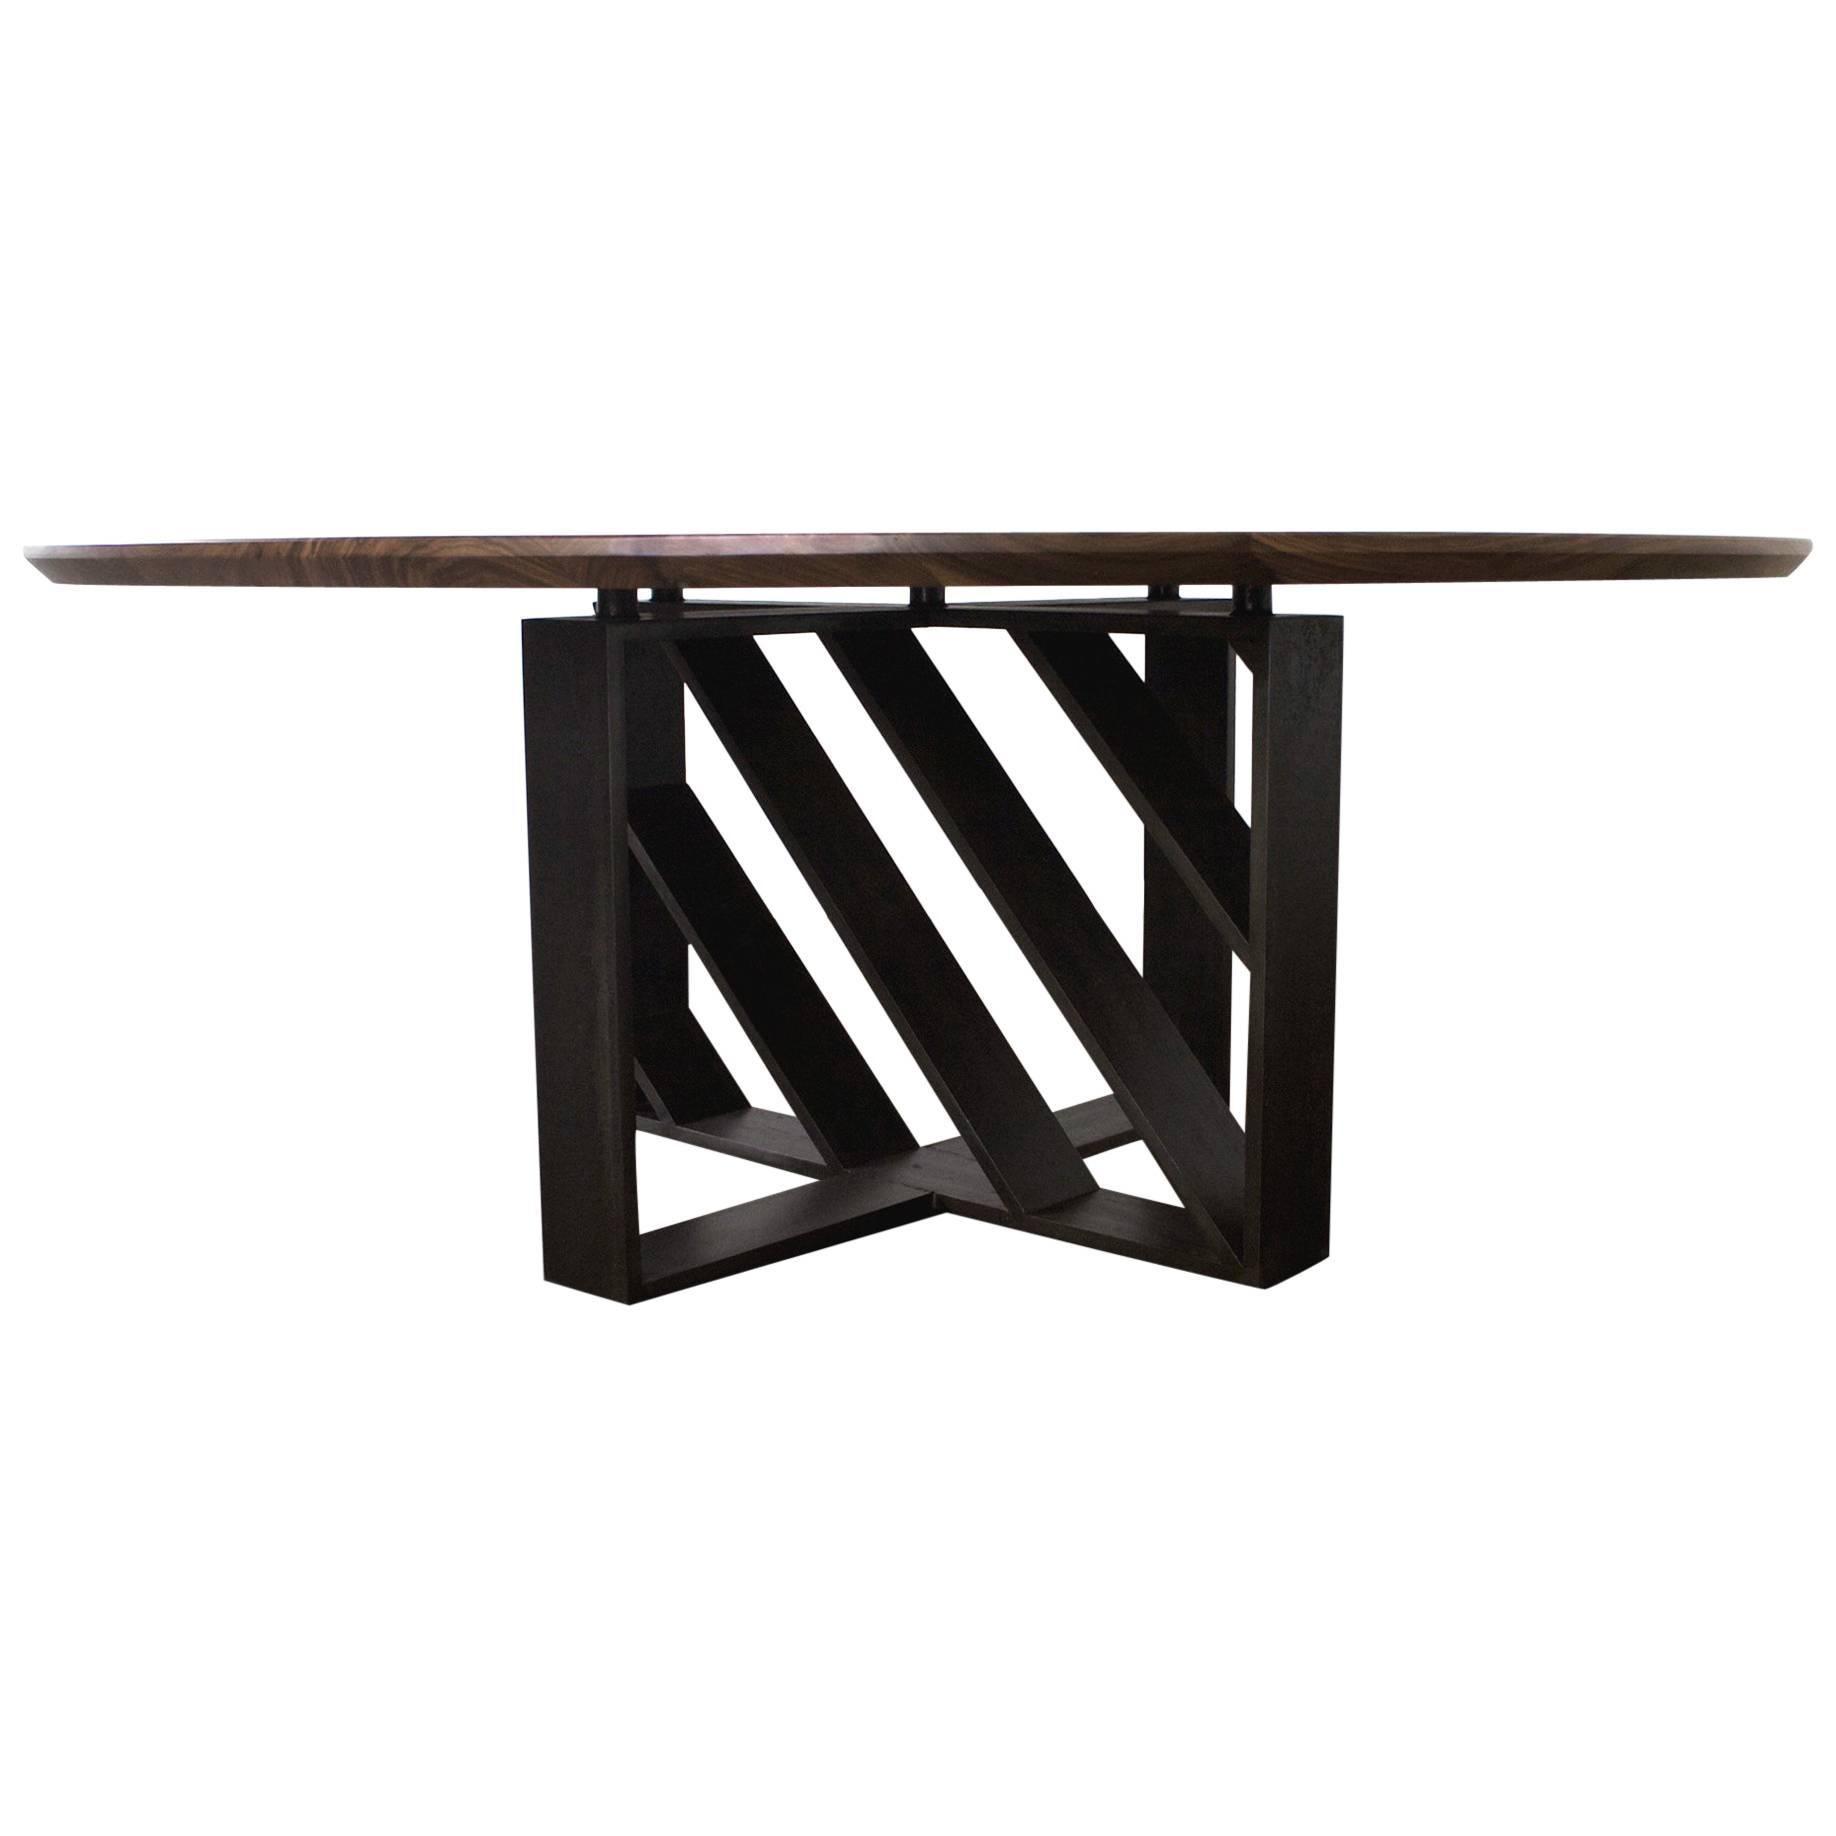 Table, Round, Dining, Blackened Steel, Hardwood, Modern, Geometric, Custom